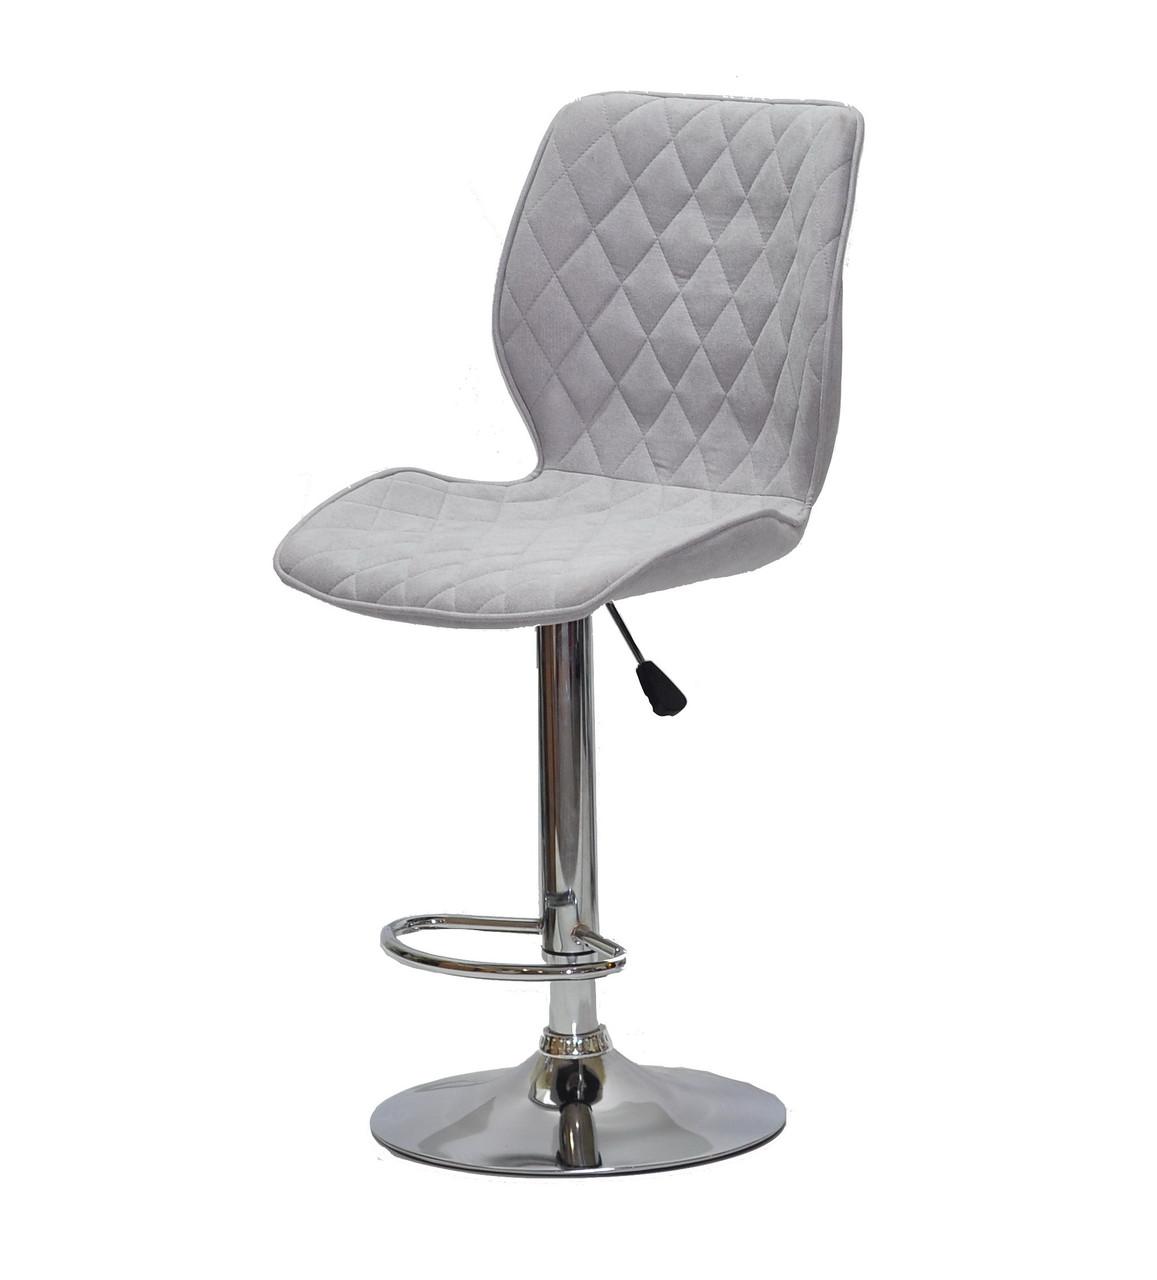 Светло-серое кресло с подножкой материал шенилл на хромированном круглом основании (блине) Toni CH - Base